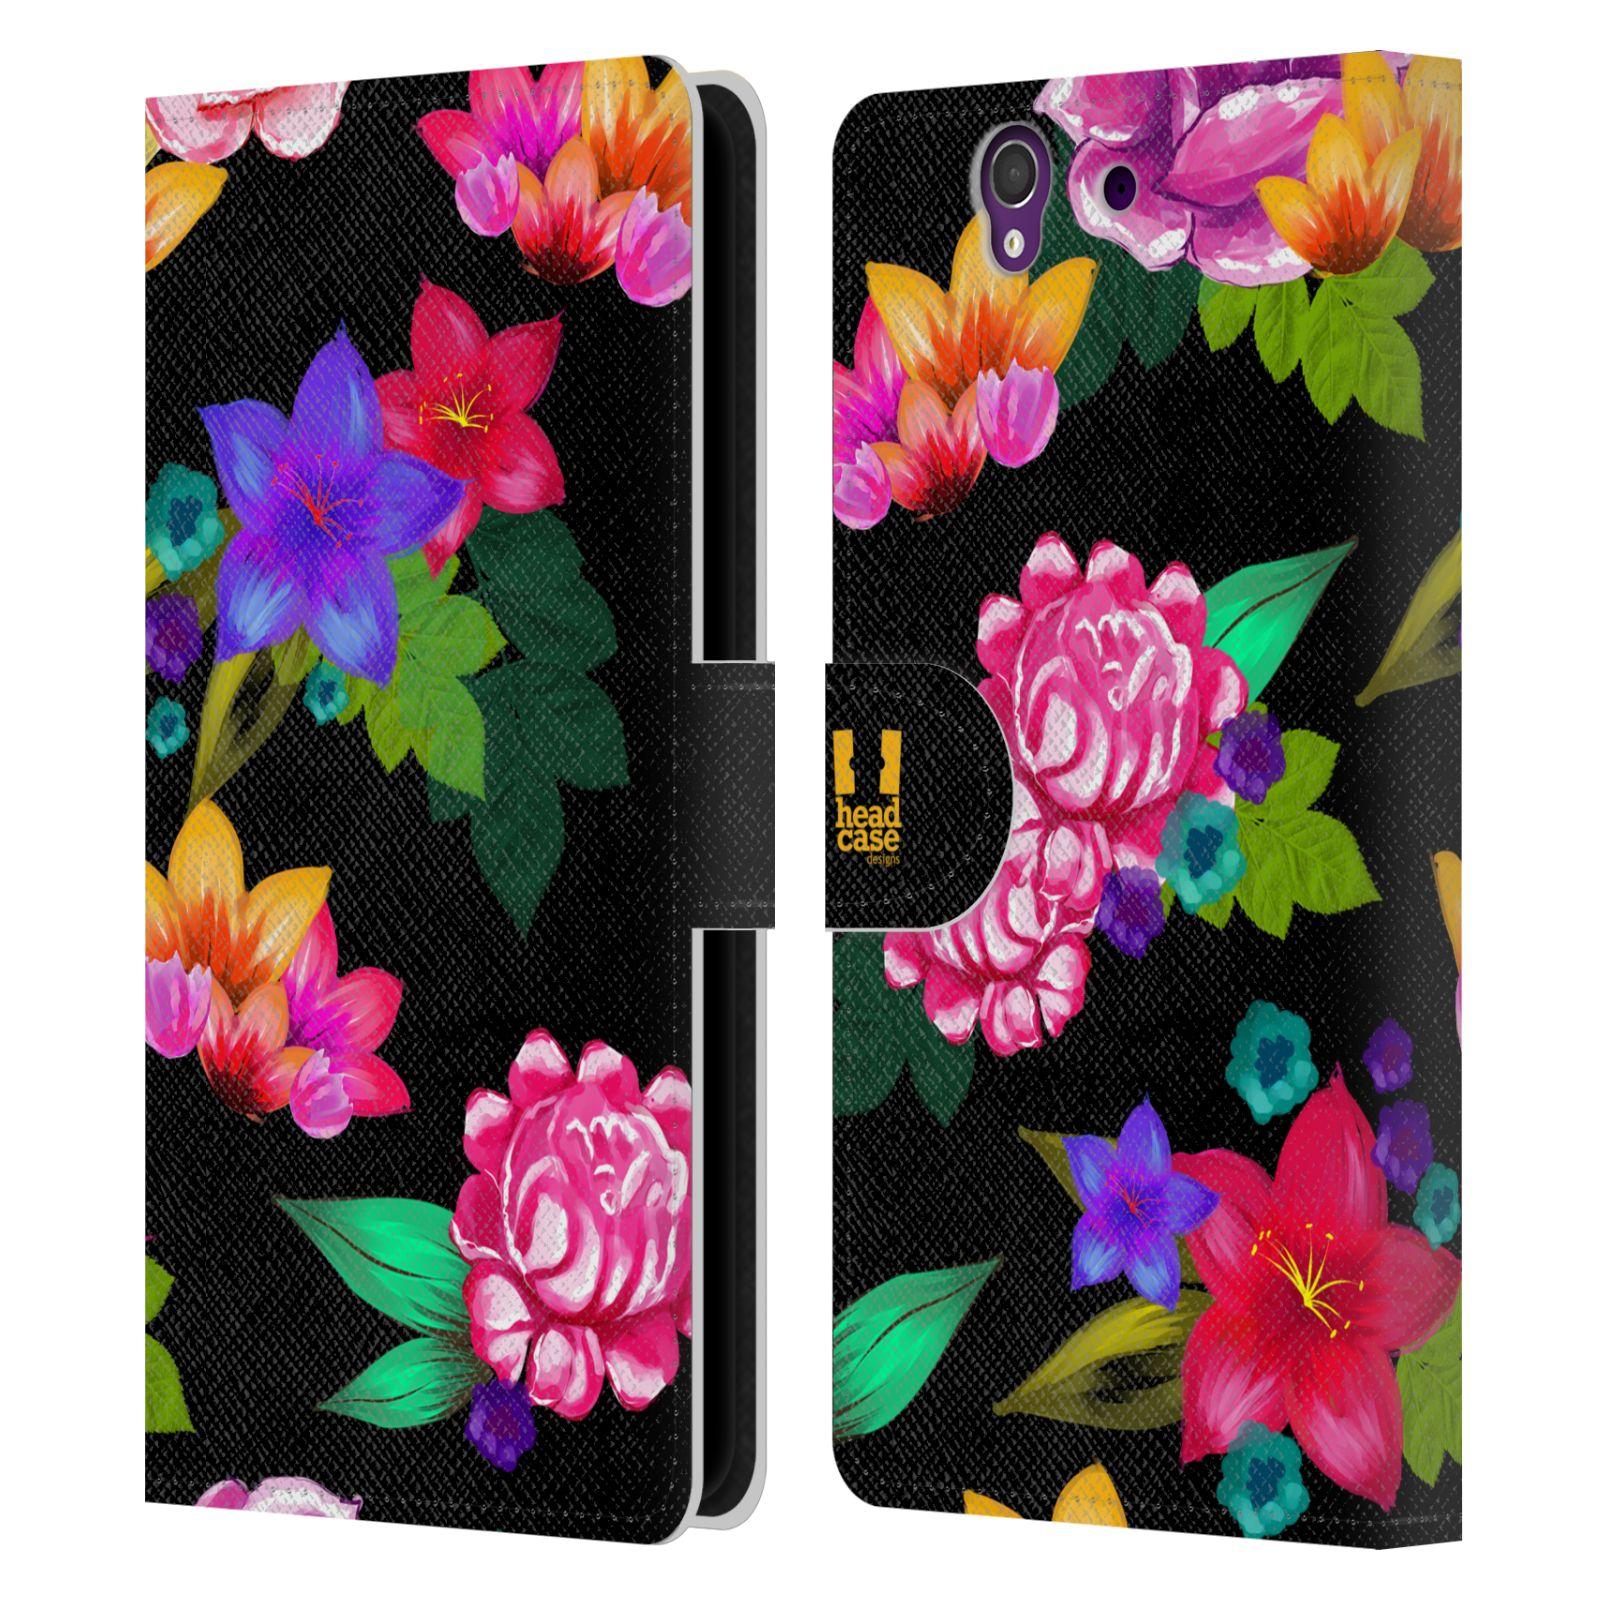 HEAD CASE Flipové pouzdro pro mobil SONY XPERIA Z (C6603) barevné kreslené květiny černá